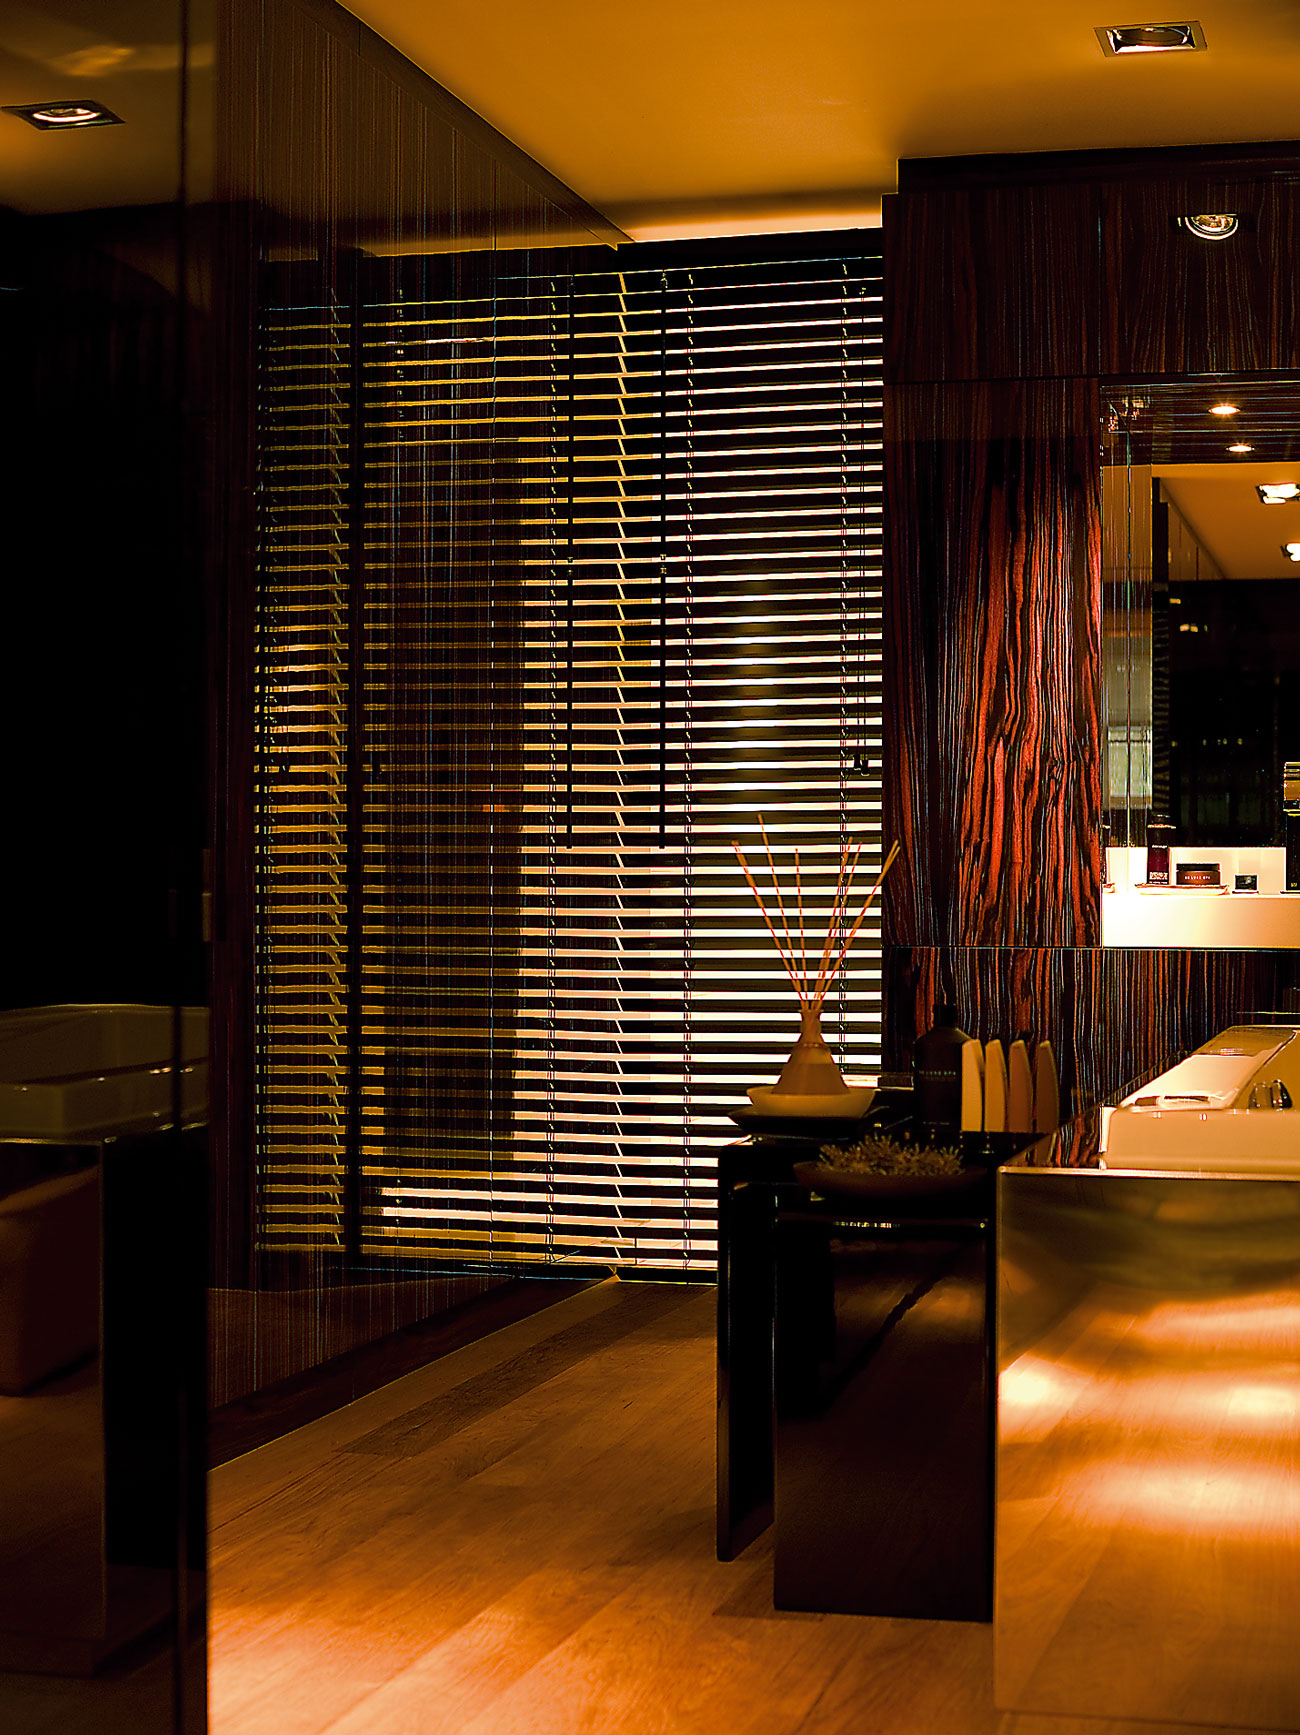 Hochwertiger Sonnenschutz, Sichtschutz und Lichtschutz - Lamellenvorhang - Senkrechtlamellen - Eleganter Stil mit schwarzen Holzjalousien - Dr. Haller + Co. - Selastore®